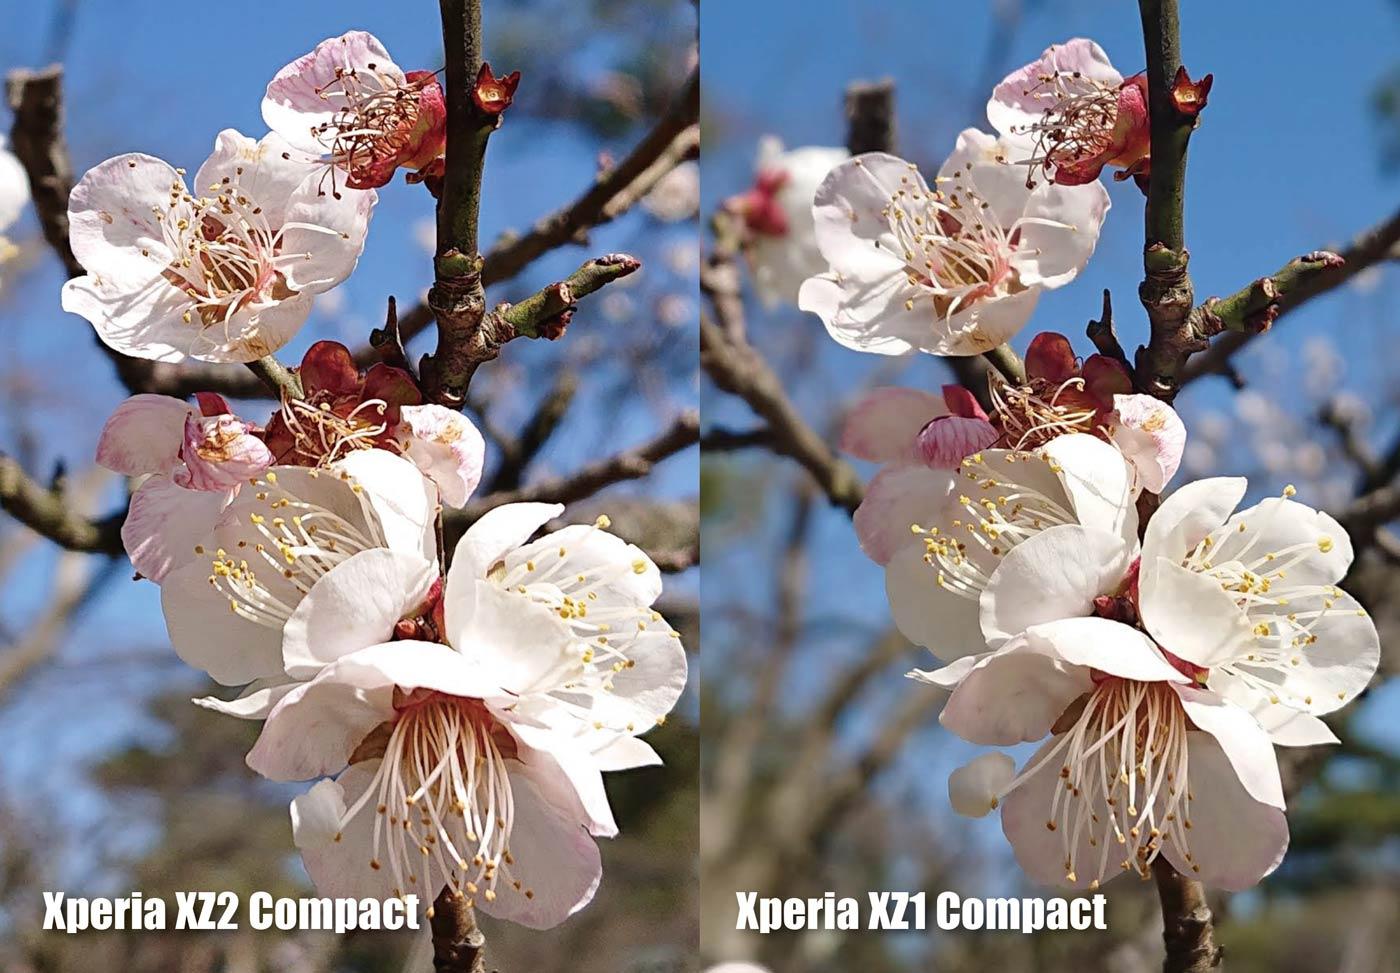 Xperia XZ2 Compact vs XZ1 Compact 梅の花の画質(拡大)